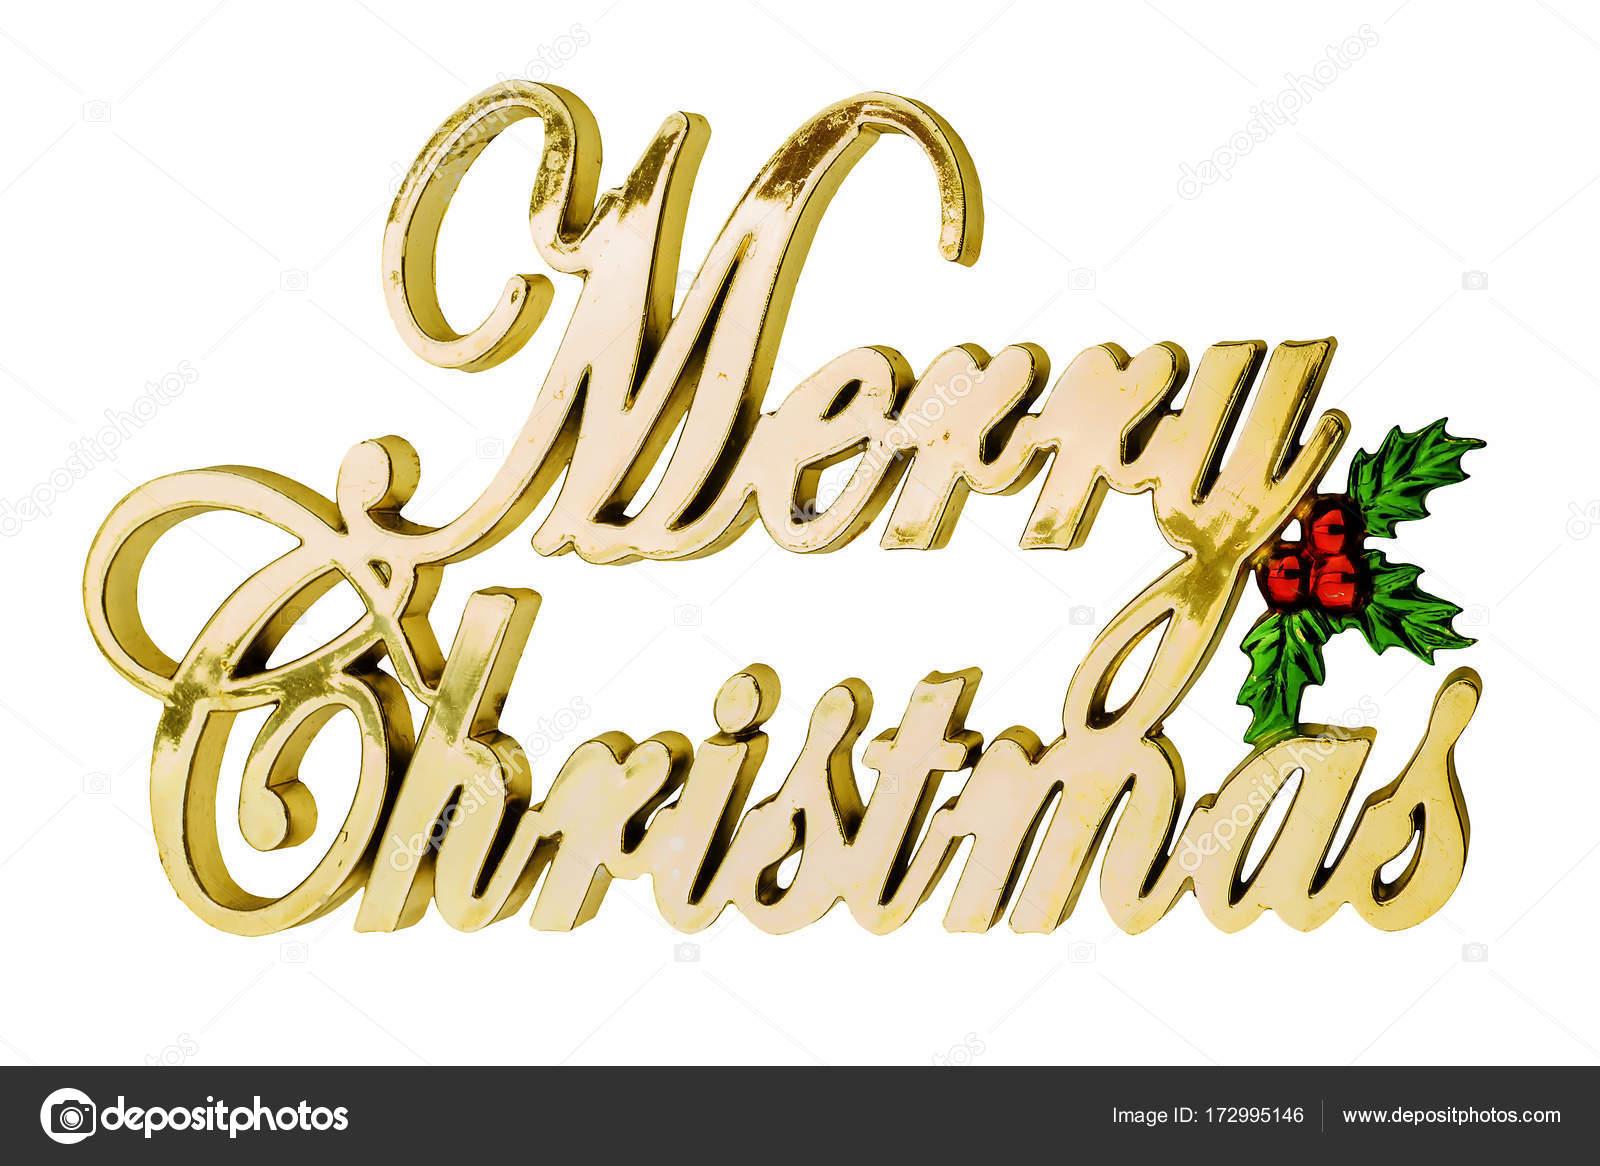 Buchstaben Frohe Weihnachten.Die Inschrift In Goldenen Buchstaben Frohe Weihnachten Stockfoto